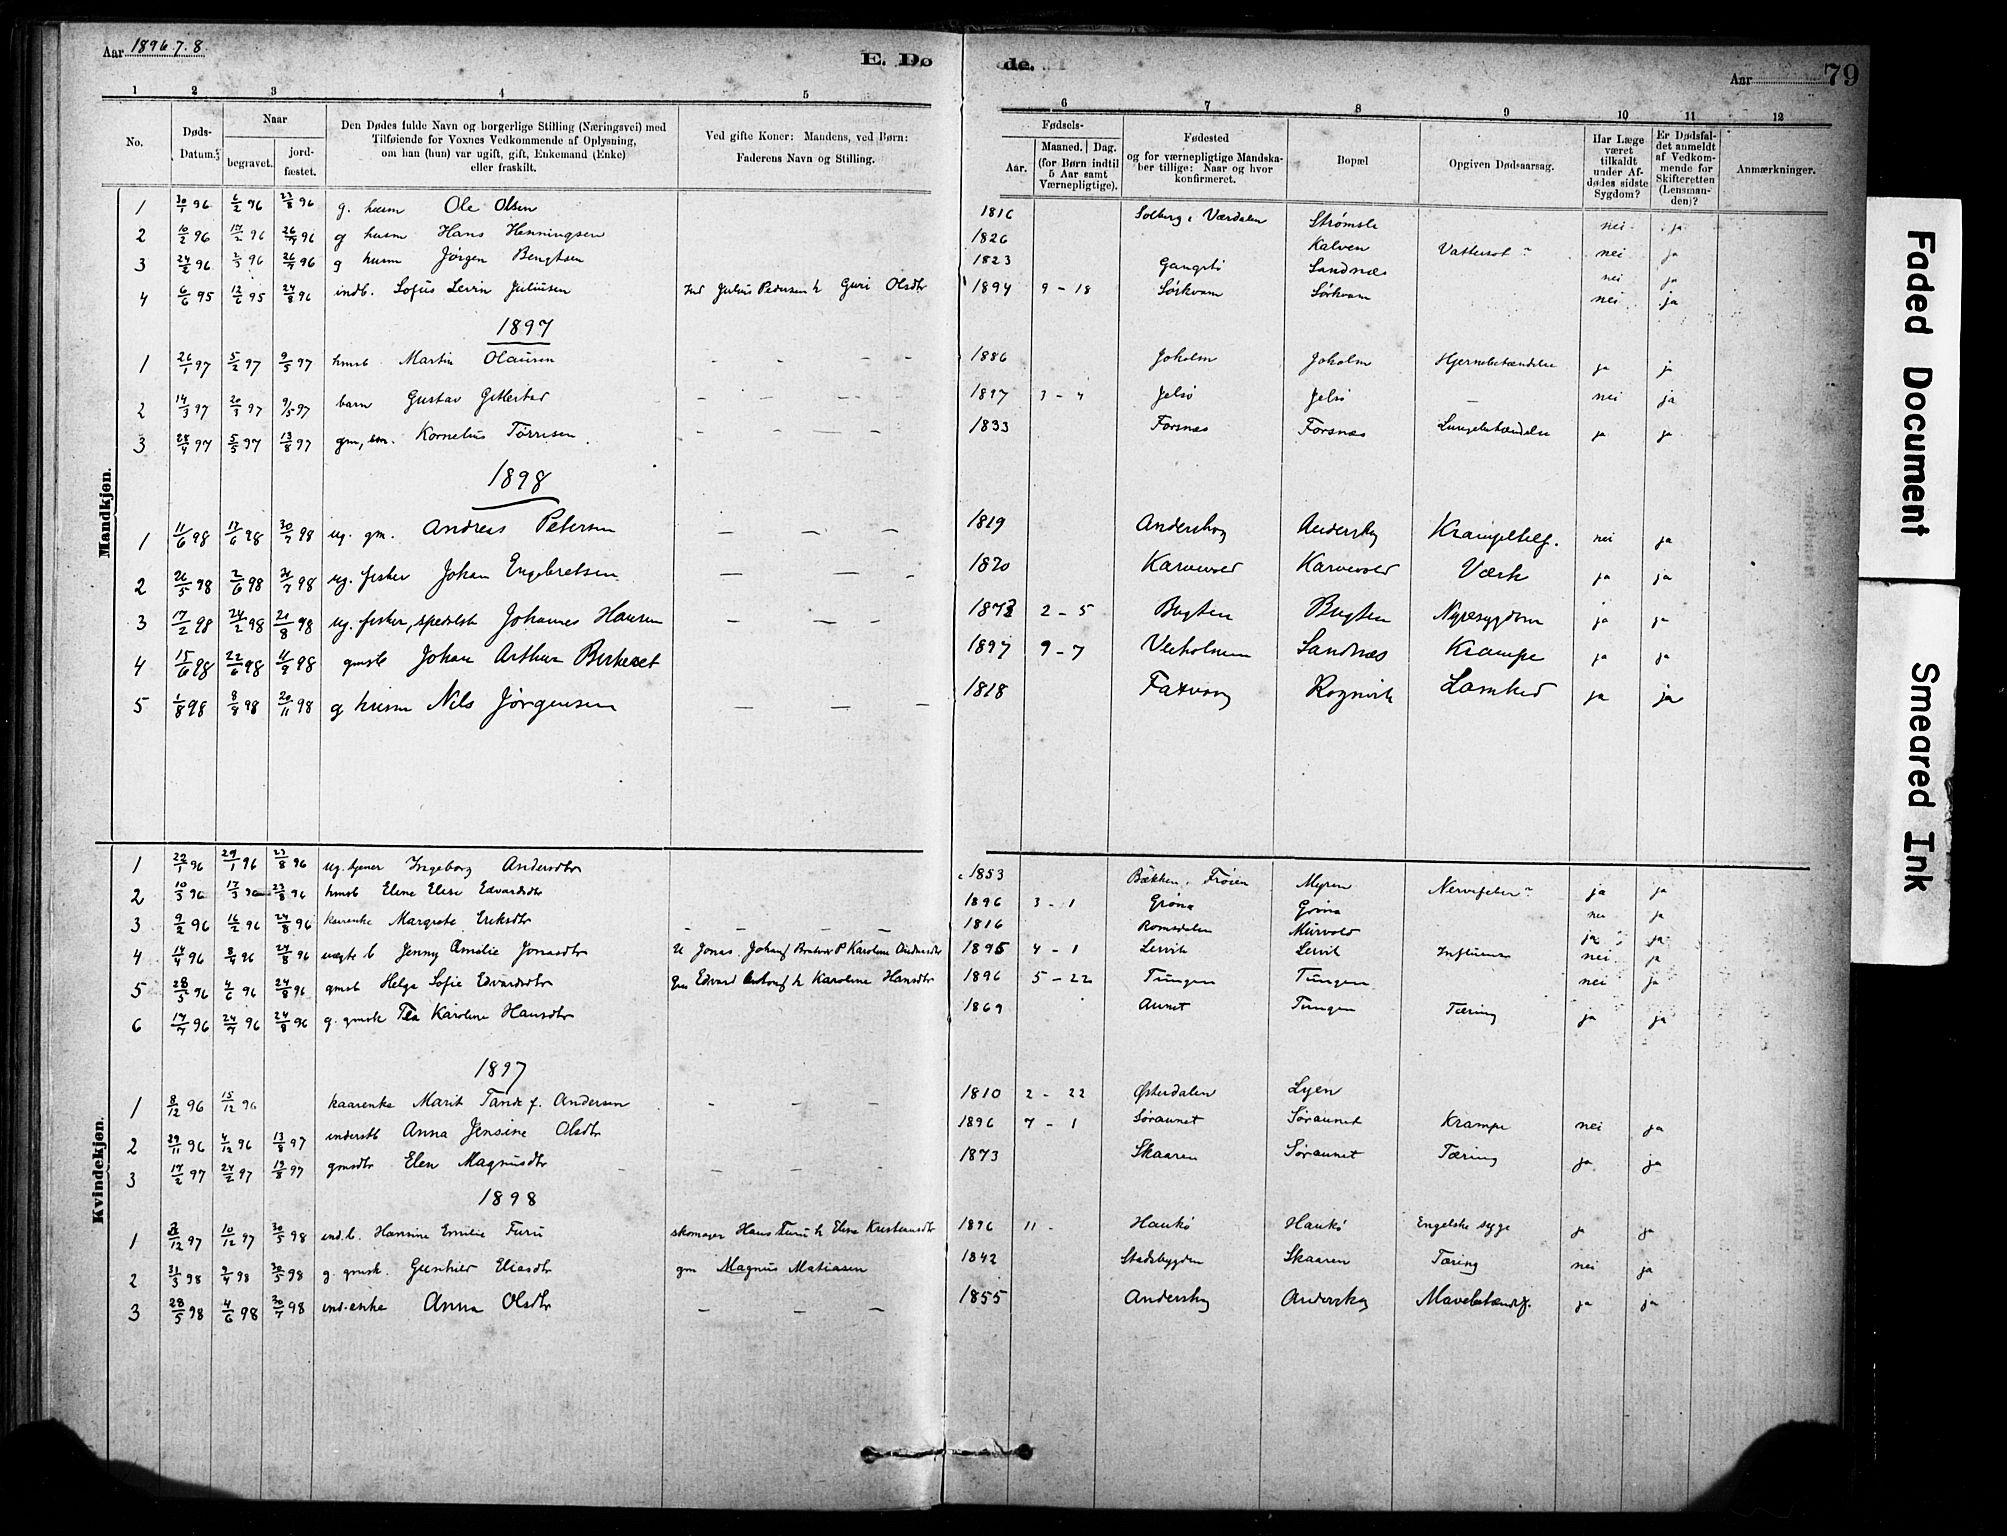 SAT, Ministerialprotokoller, klokkerbøker og fødselsregistre - Sør-Trøndelag, 635/L0551: Ministerialbok nr. 635A01, 1882-1899, s. 79